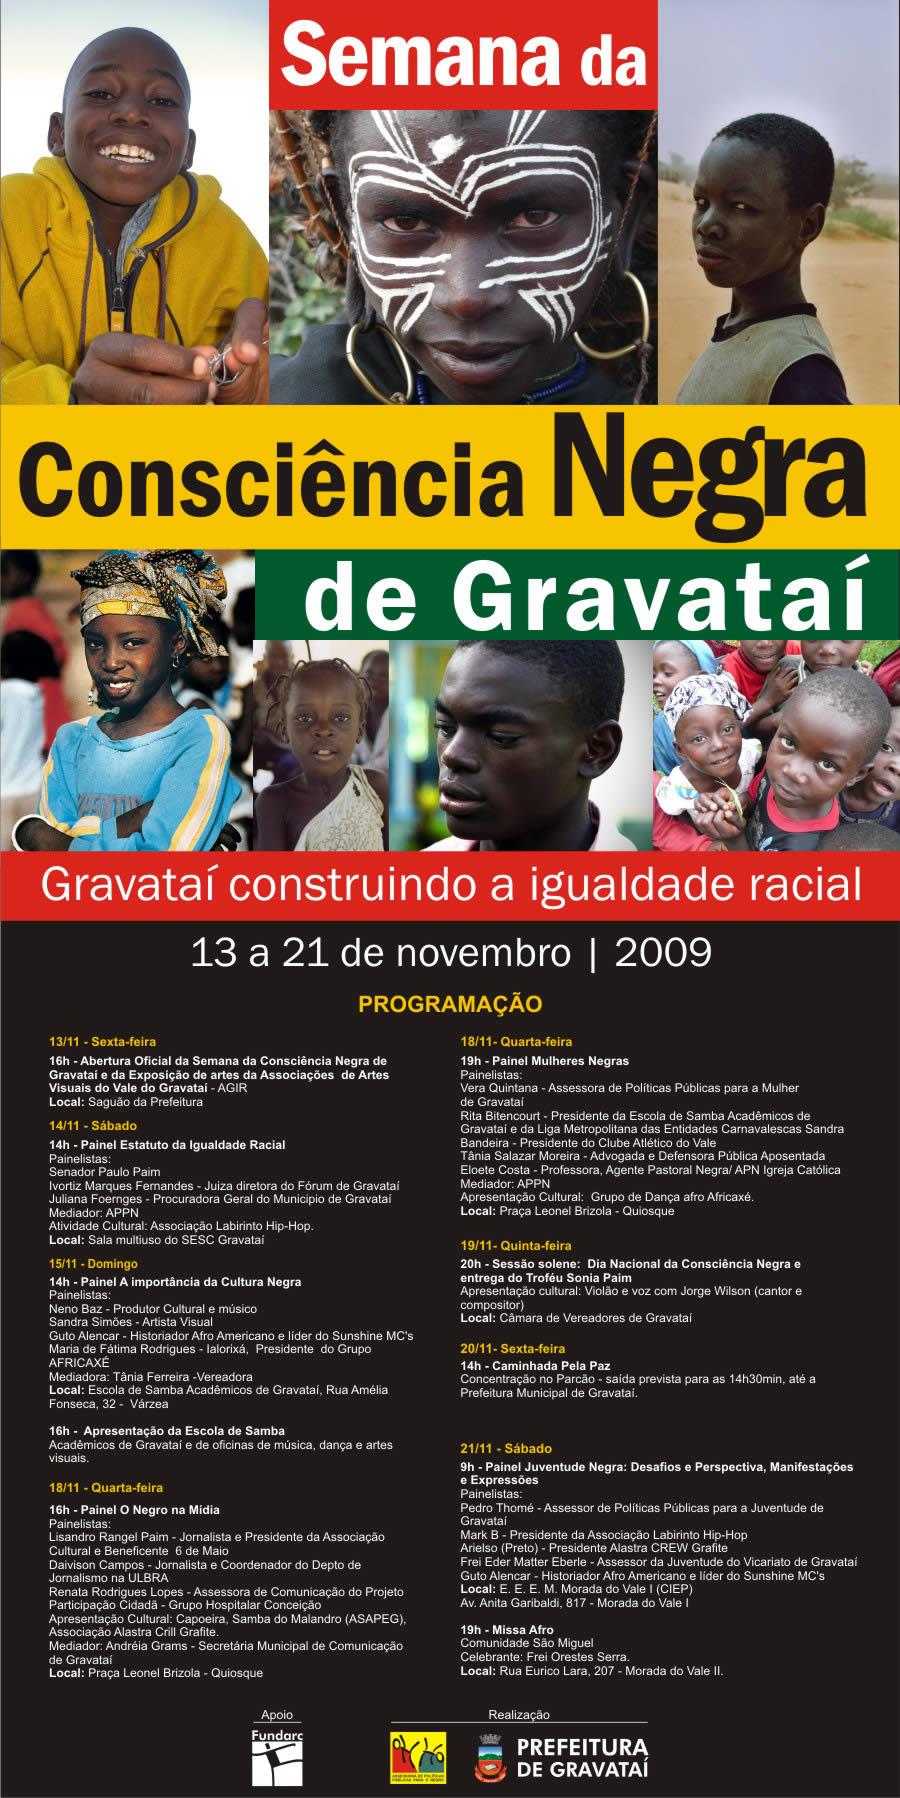 GRAVATAI: Semana da Consciência Negra